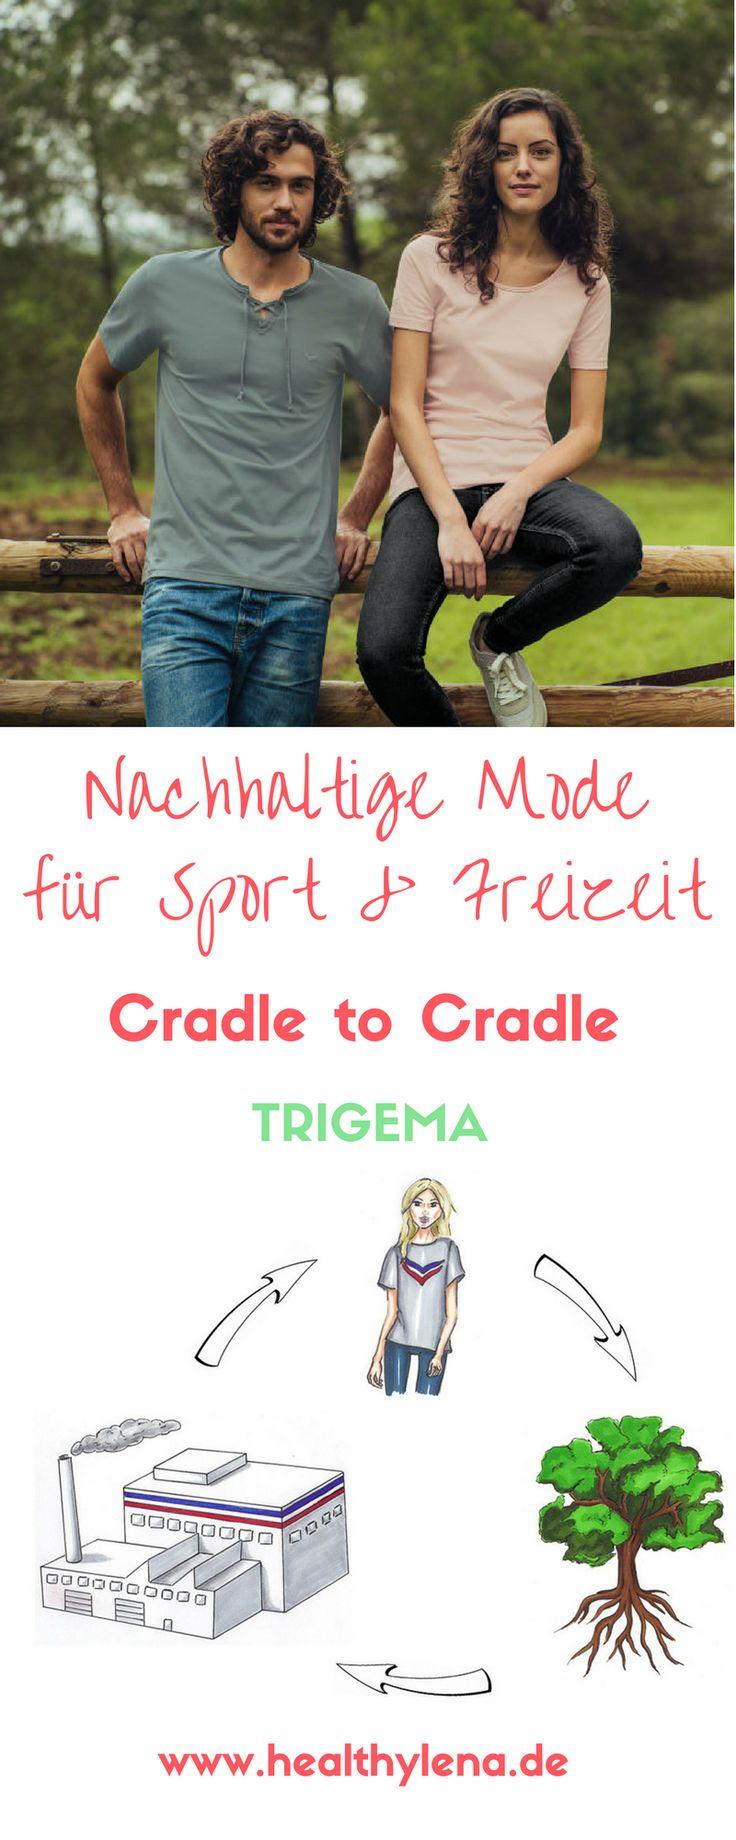 Wer sich mit nachhaltiger Mode beschäftigt, stößt über kurz oder lang auf die Frage: Was kann ich eigentlich zum Sport tragen? Zum Glück bietet die TRIGEMA die Antwort! #werbung #trigema #nachhaltigkeit #madeingermany http://www.healthylena.de/lifestyle/nachhaltige-sport-und-freizeitkleidung-cradle-to-cradle-mit-trigema/